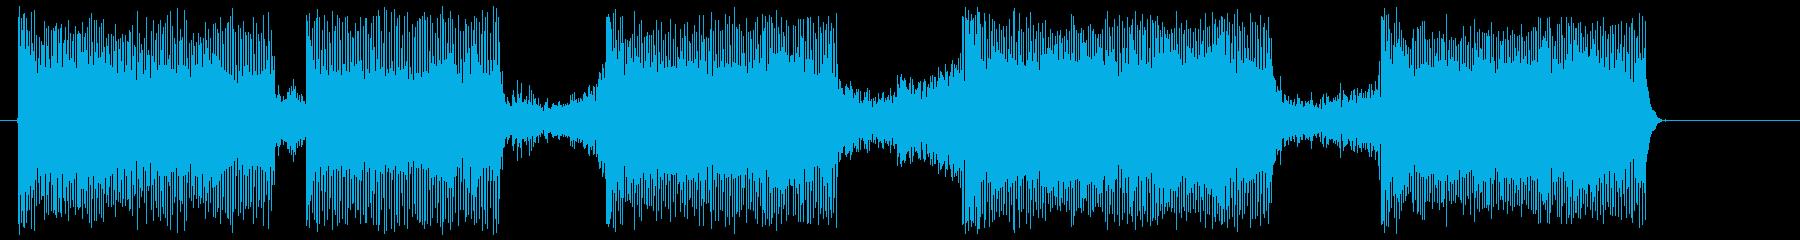 自動Metroサブスクリプションマ...の再生済みの波形